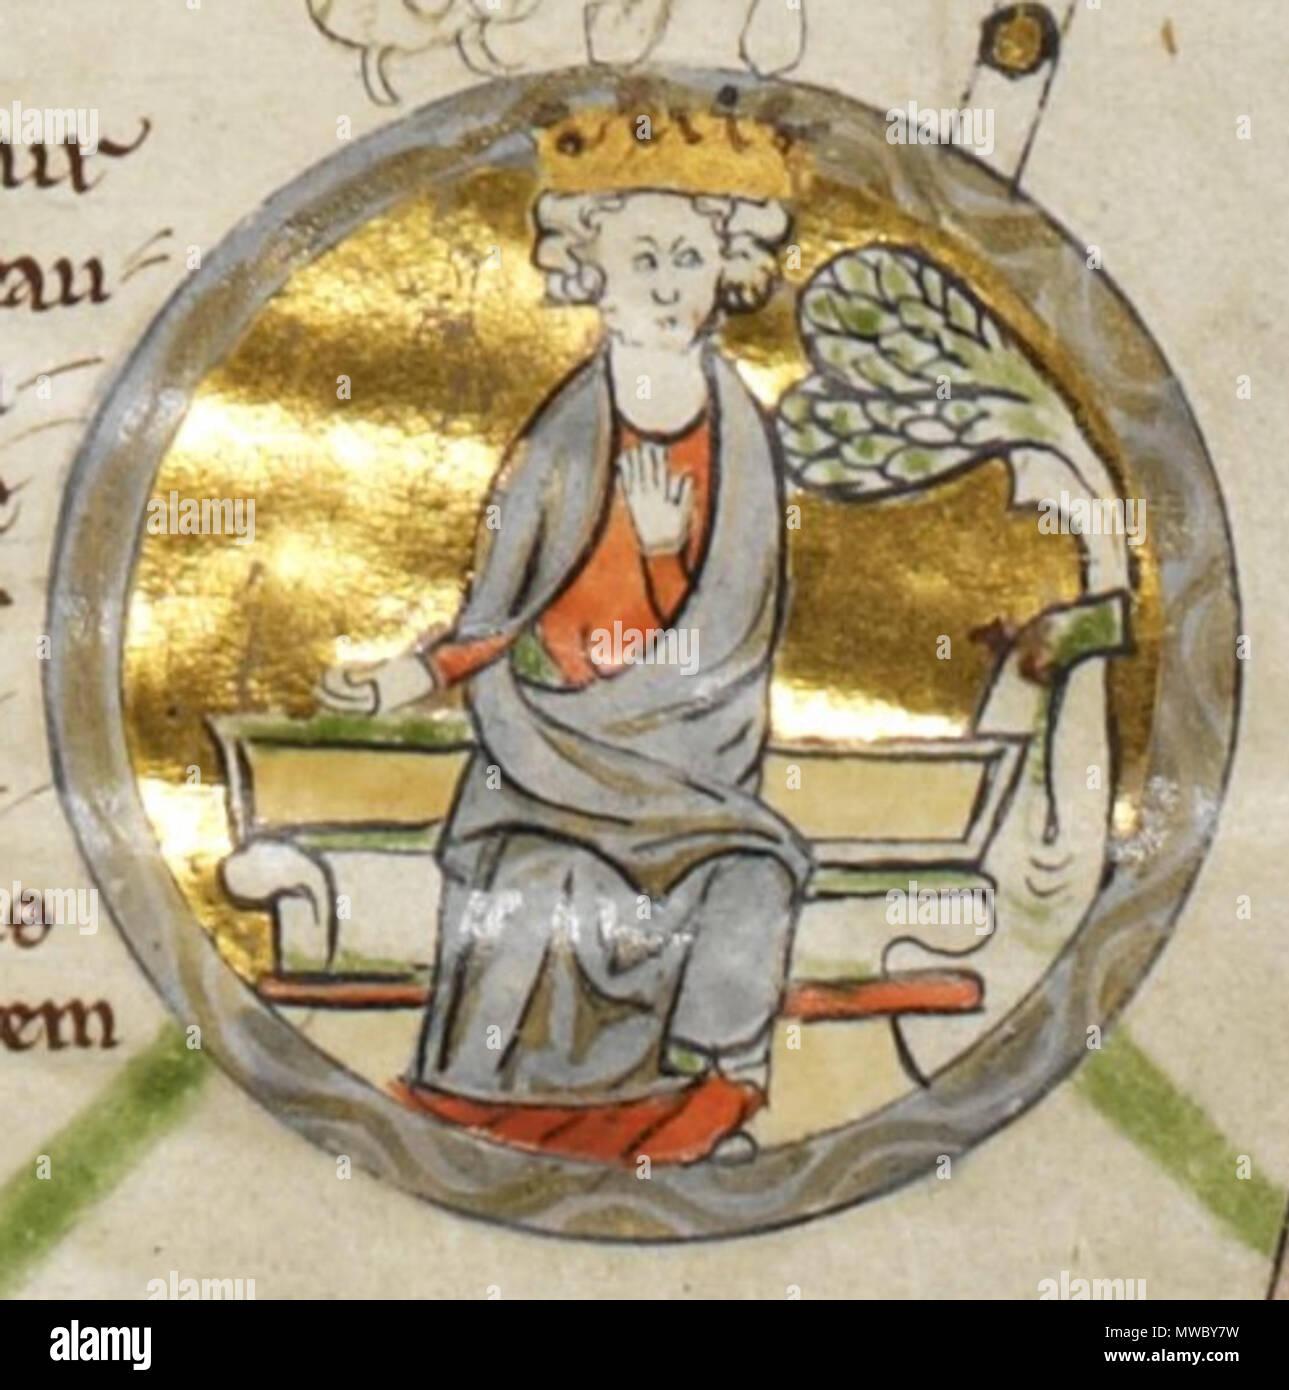 . Français: Miniature d'Edmond Ier d'Angleterre dans une généalogie royale du XIIIe siècle. 2 September 2013, 19:09:03. Unknown 177 Edmund I - MS Royal 14 B V - Stock Image